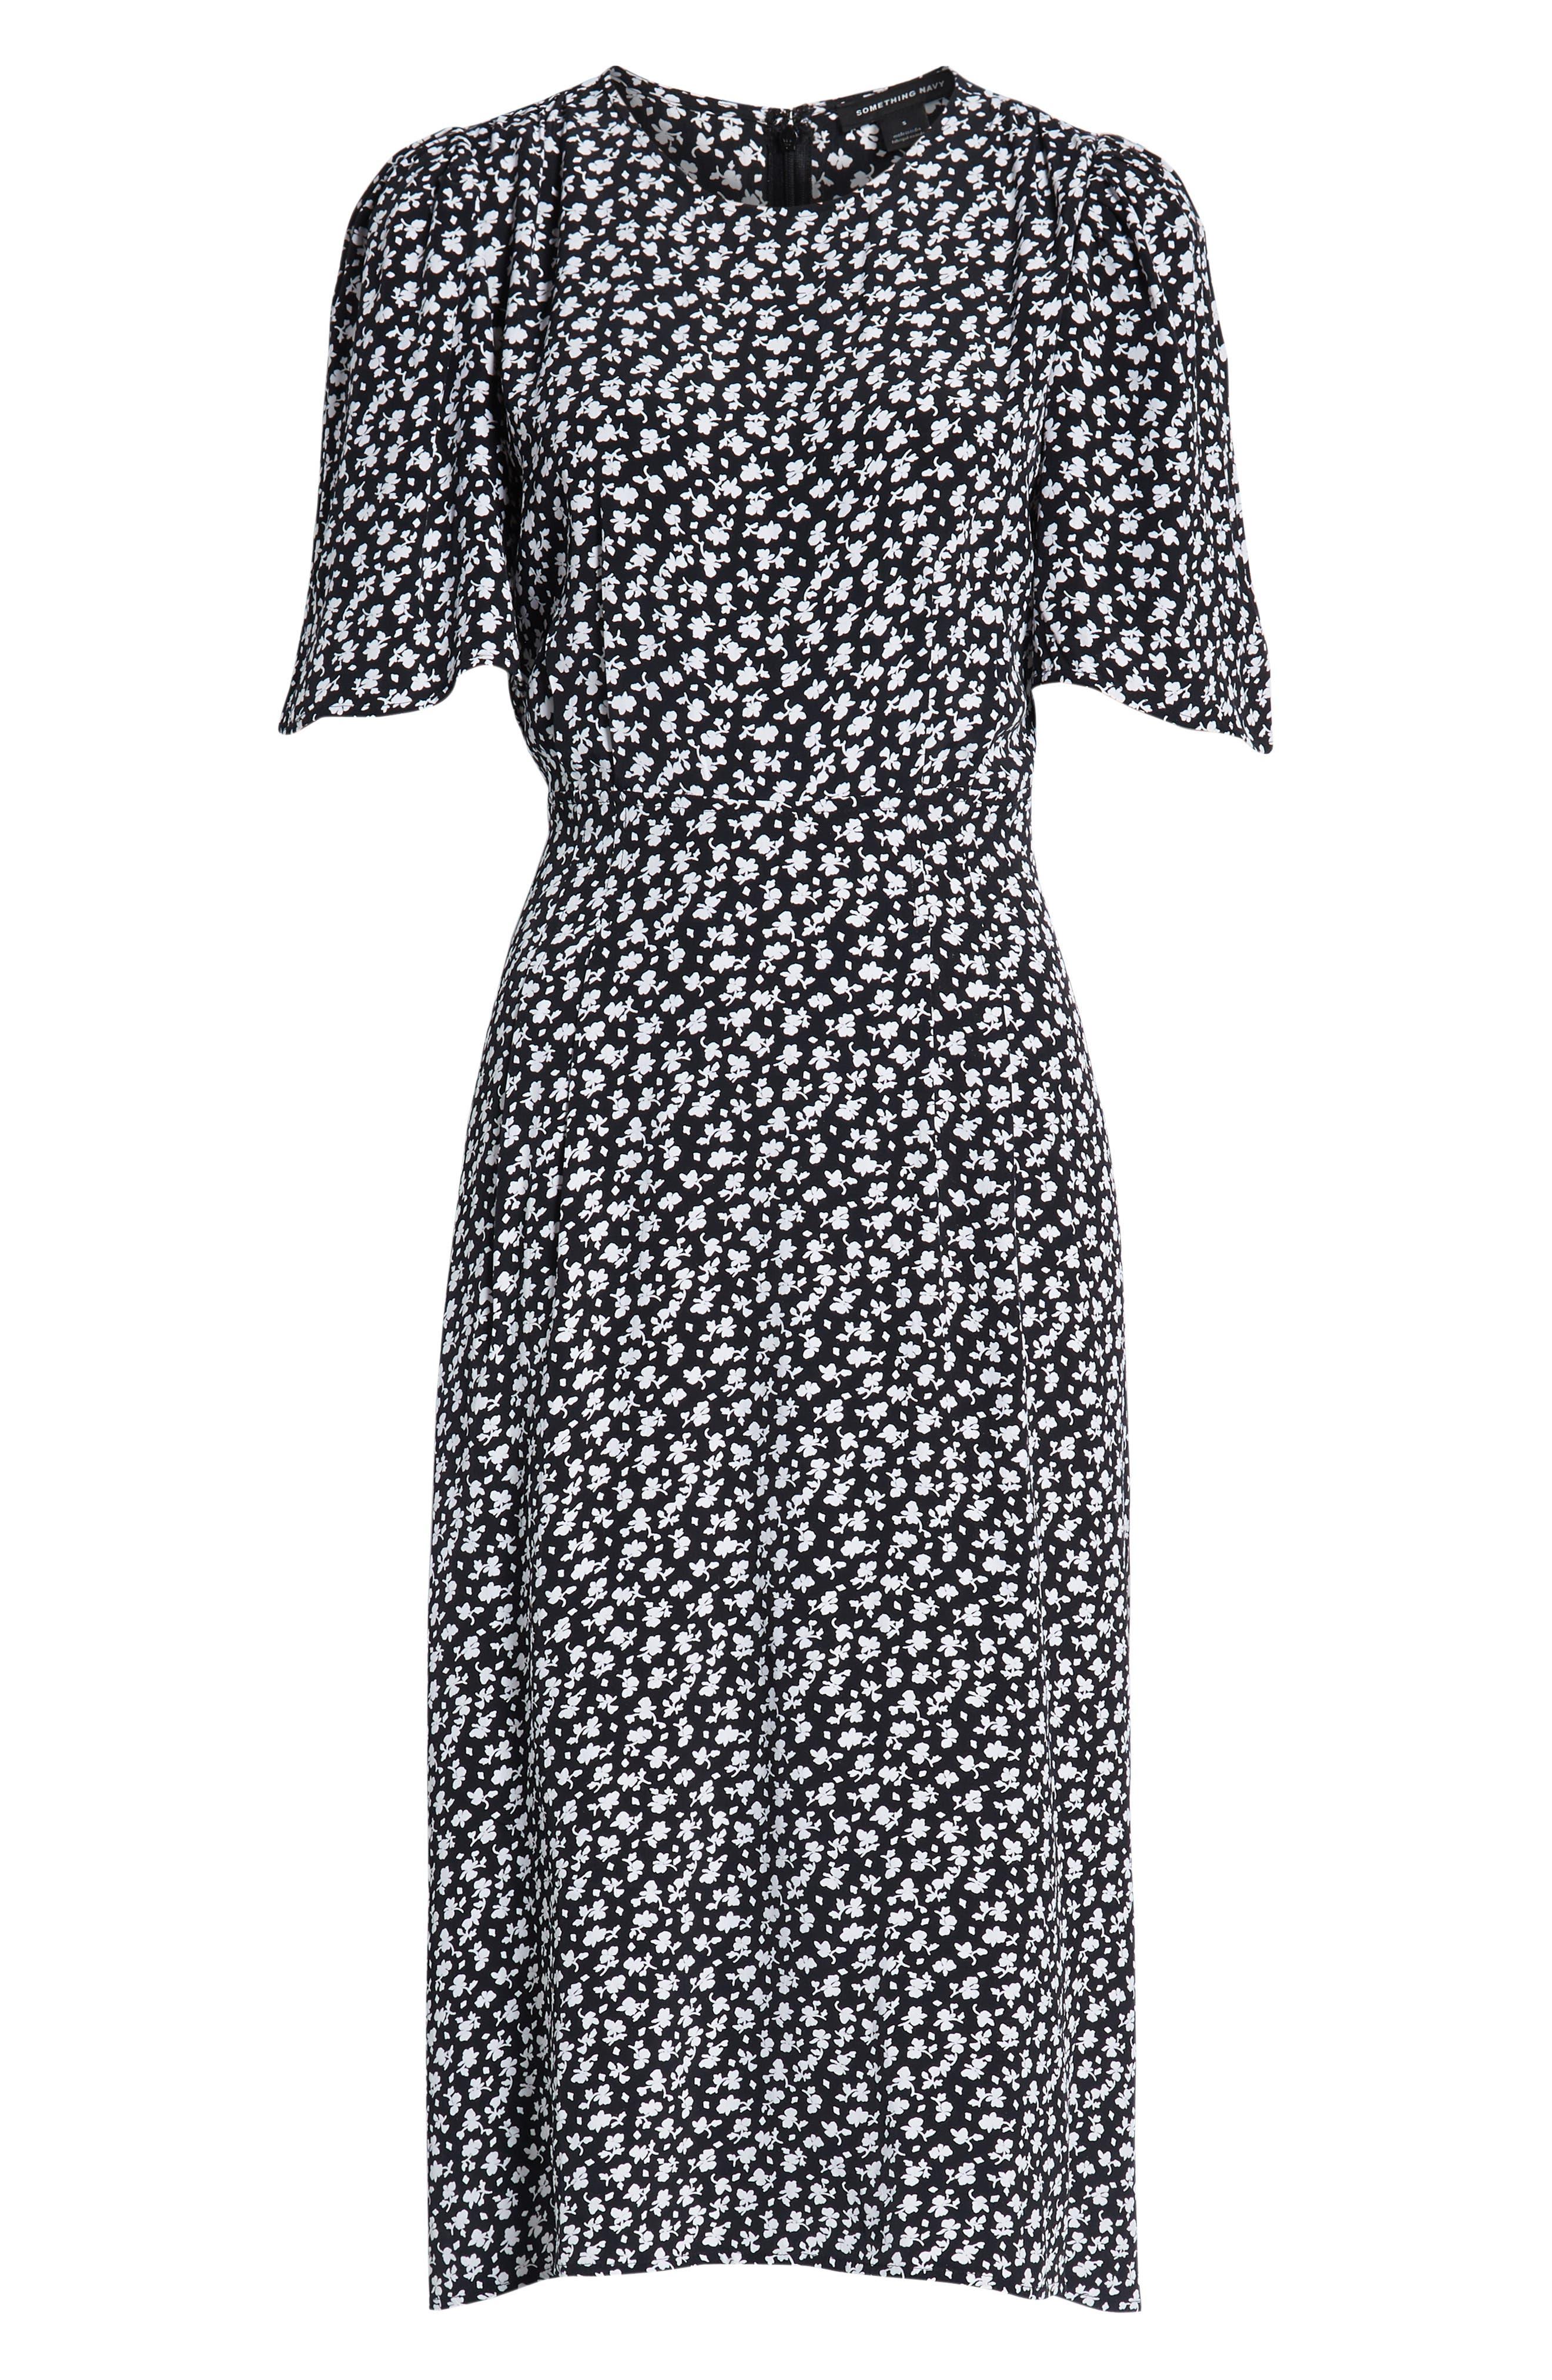 SOMETHING NAVY, Strong Shoulder Floral Print Midi Dress, Alternate thumbnail 8, color, SN BLACK VINTAGE FLORAL